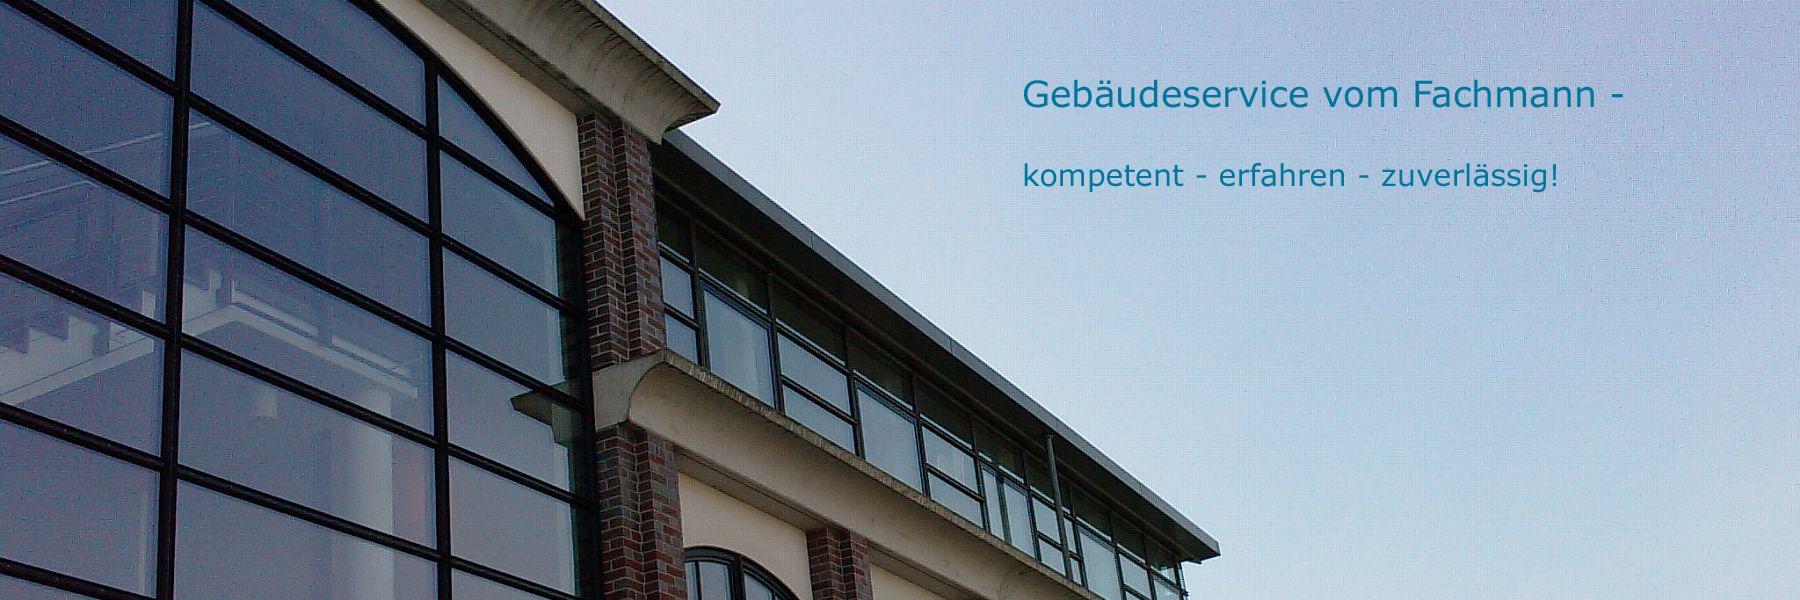 PGS Gebäudeservice Hamburg